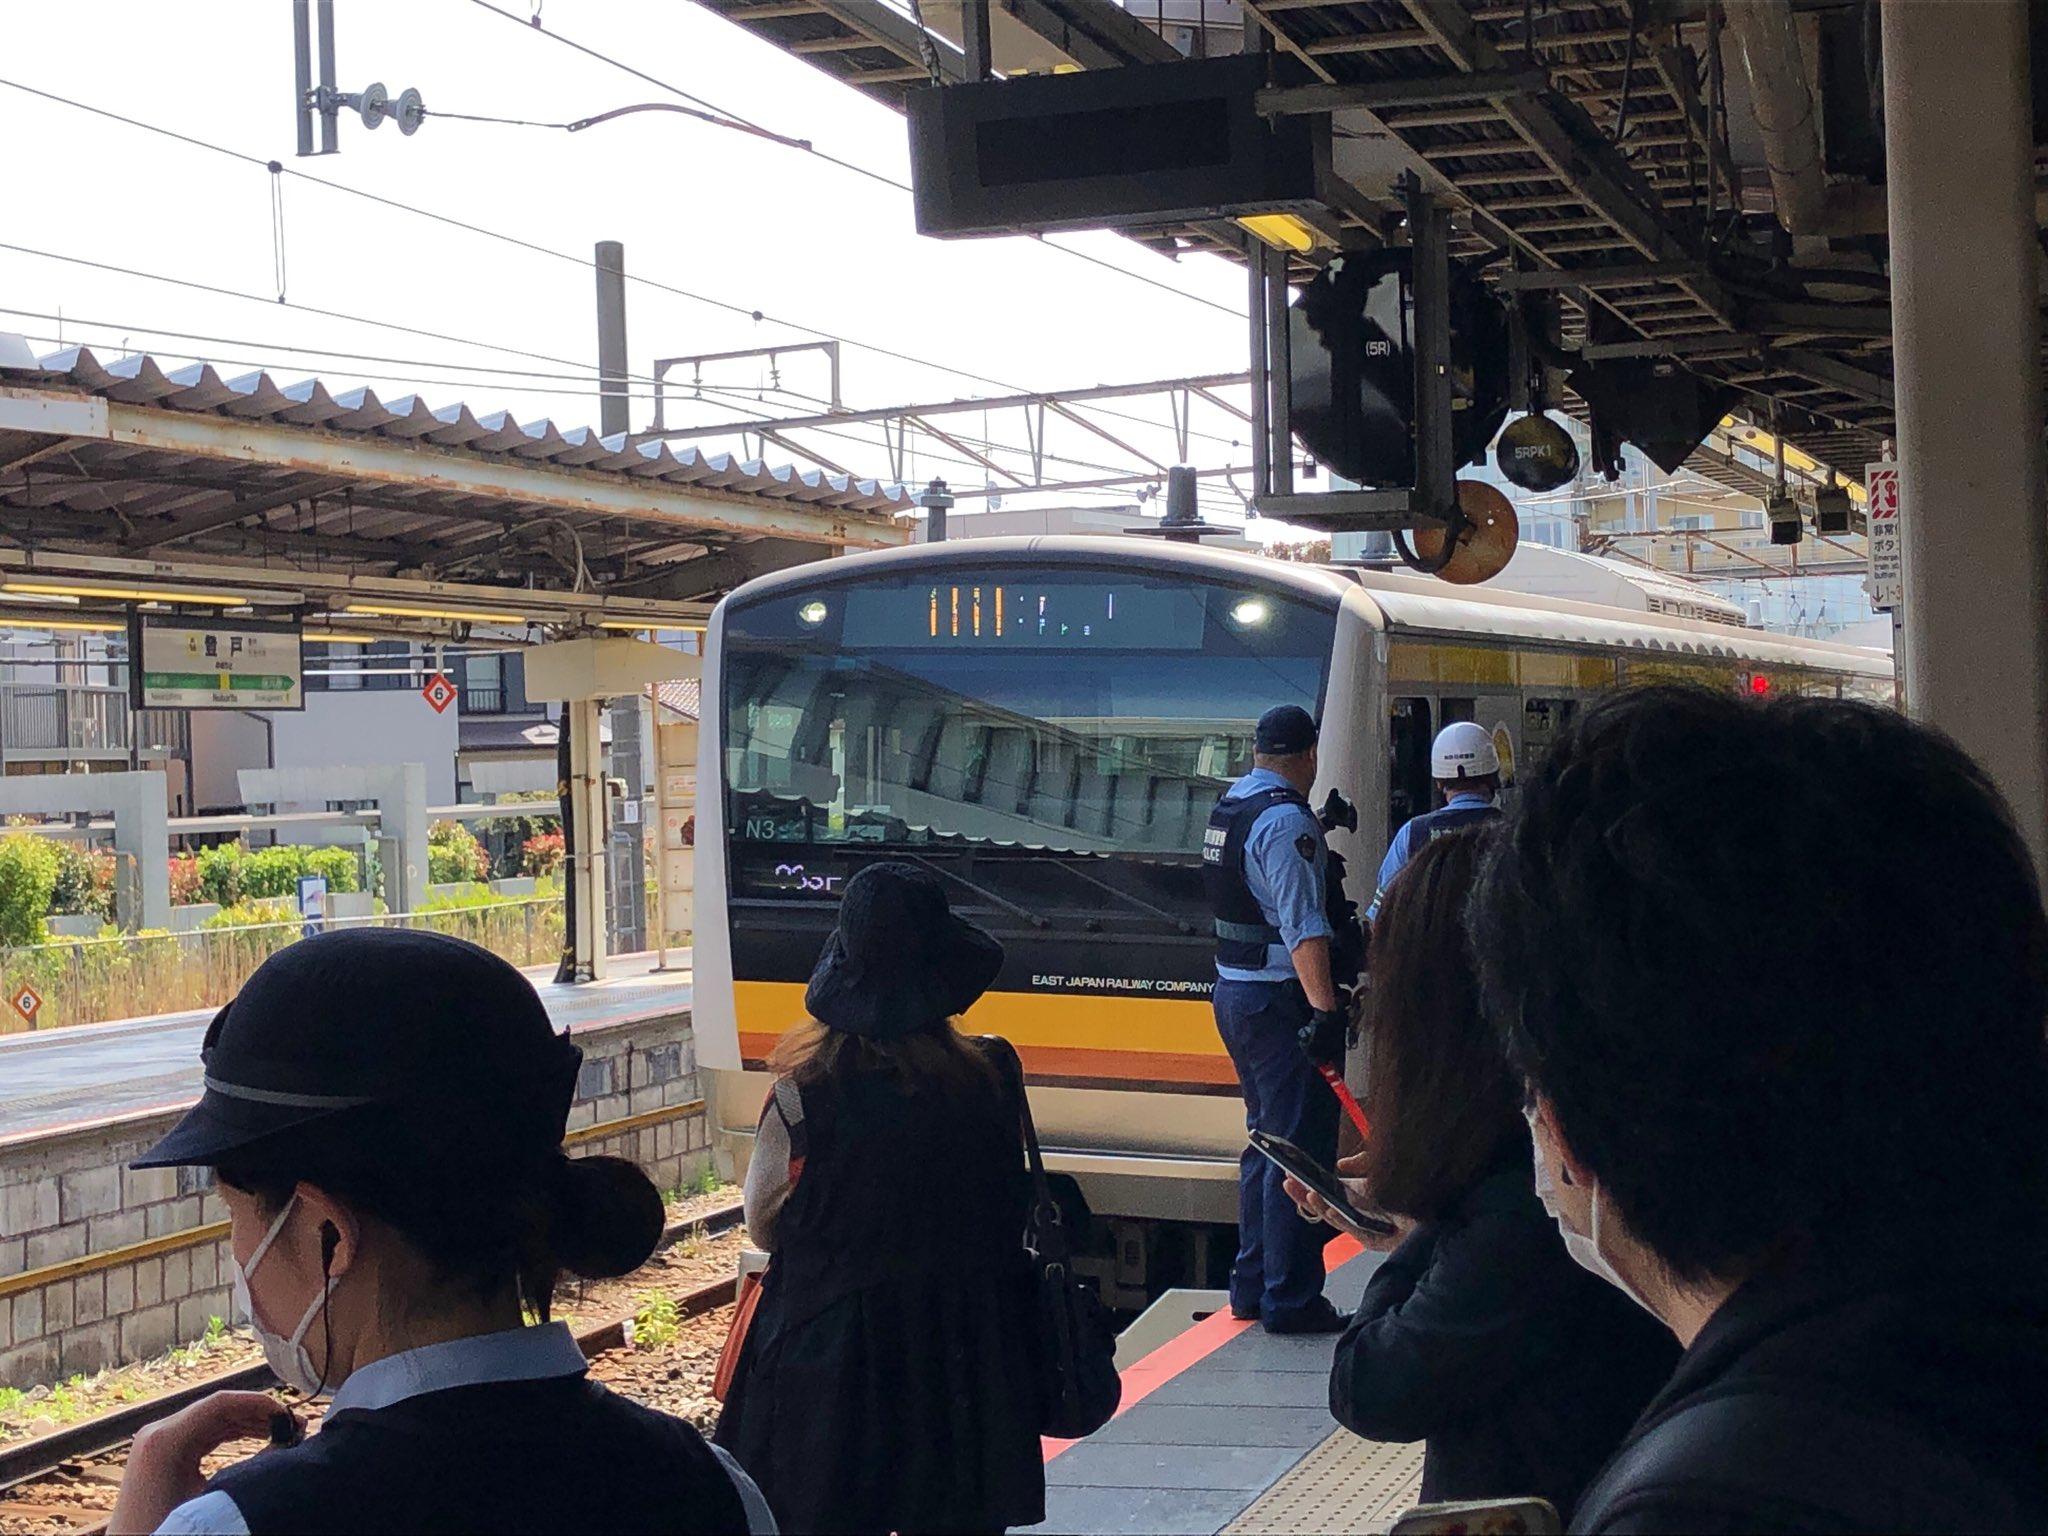 登戸駅の人身事故で現場検証している画像